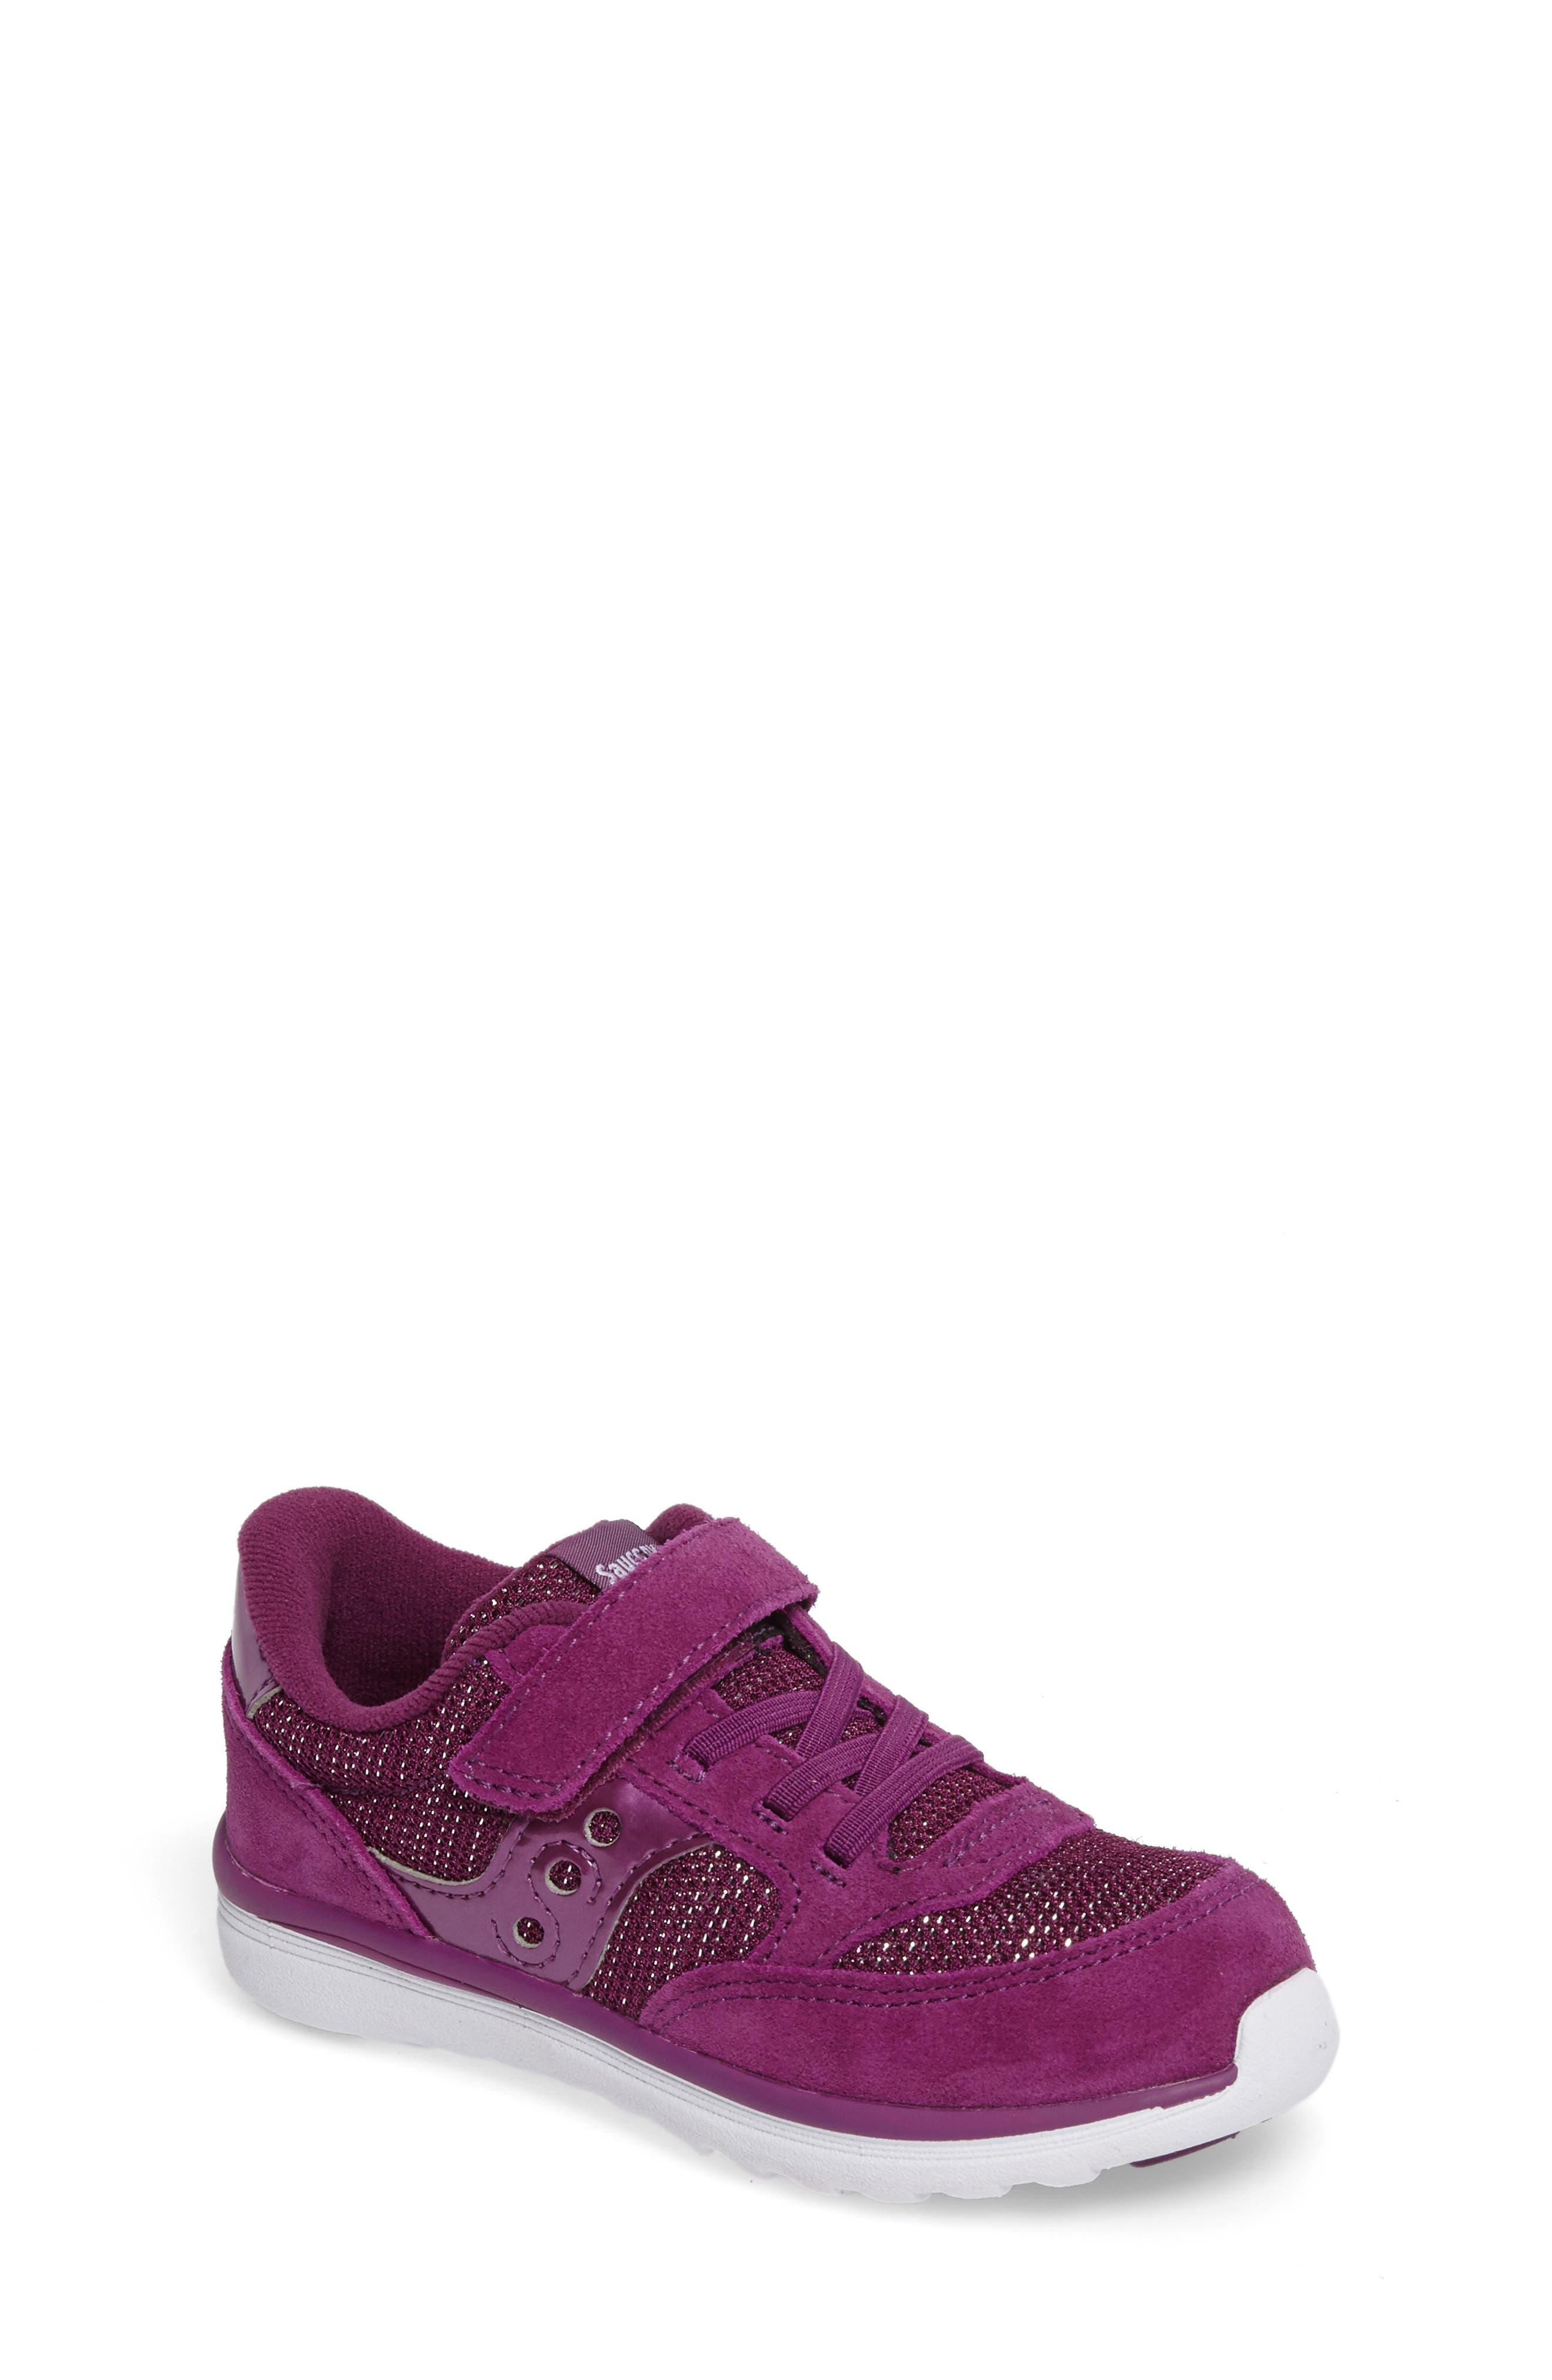 Main Image - Saucony Jazz Lite Sneaker (Baby, Toddler & Walker)